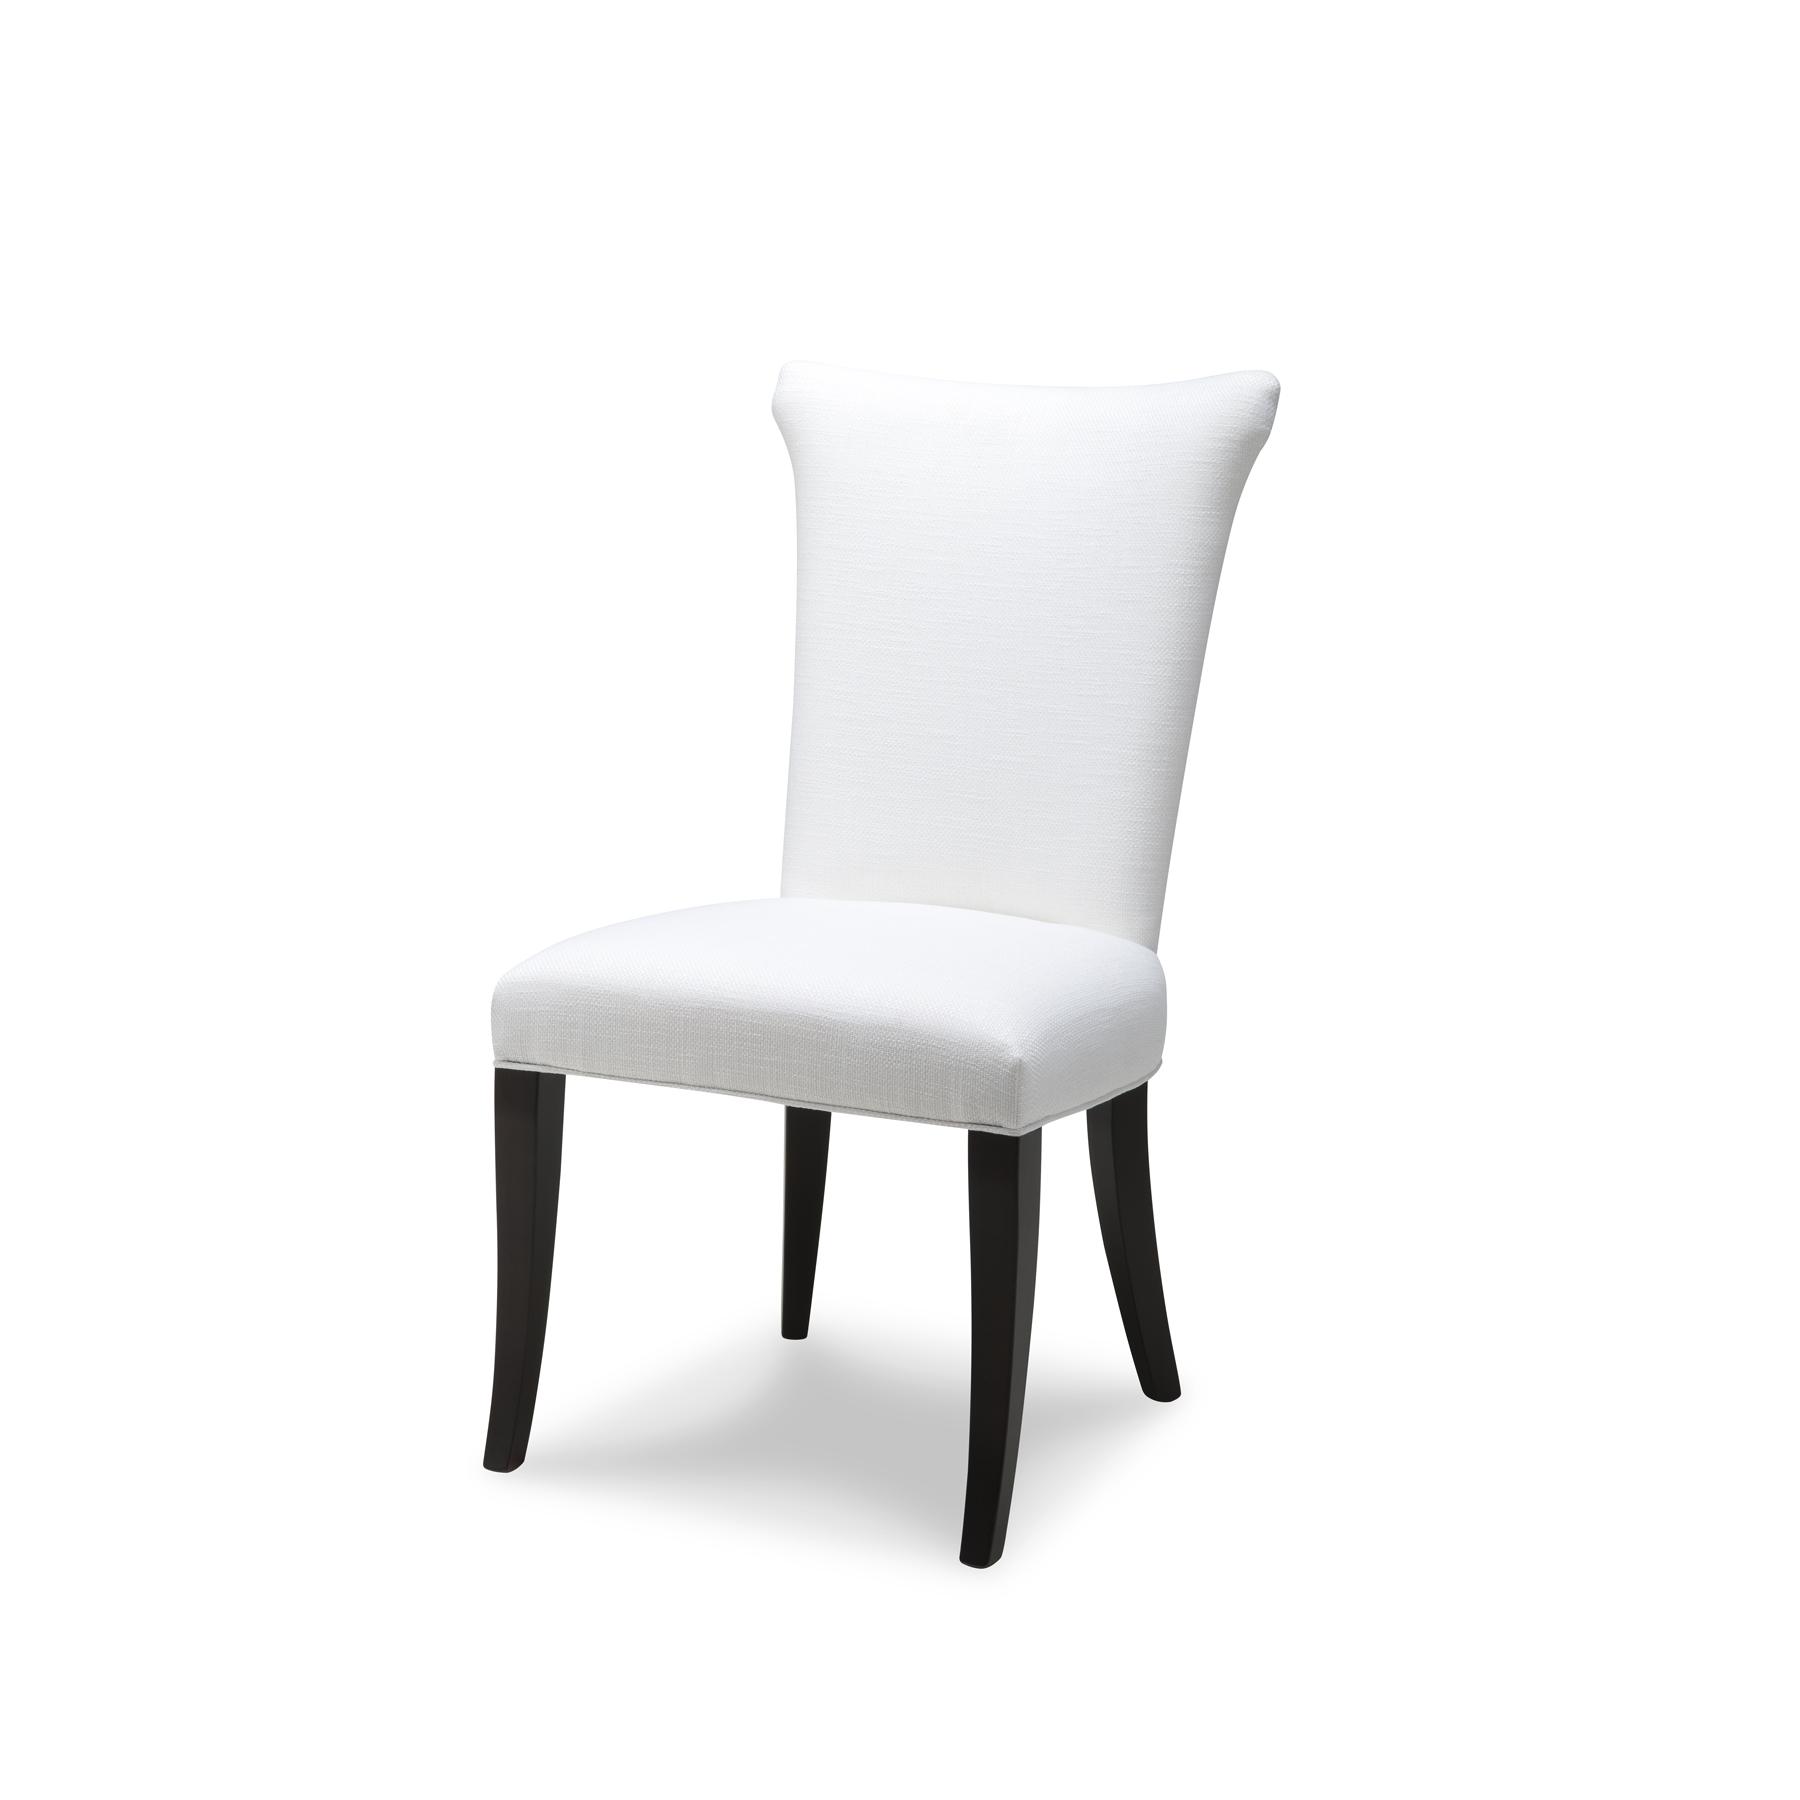 Regal-Chair-D-PROOF-3-1.jpg